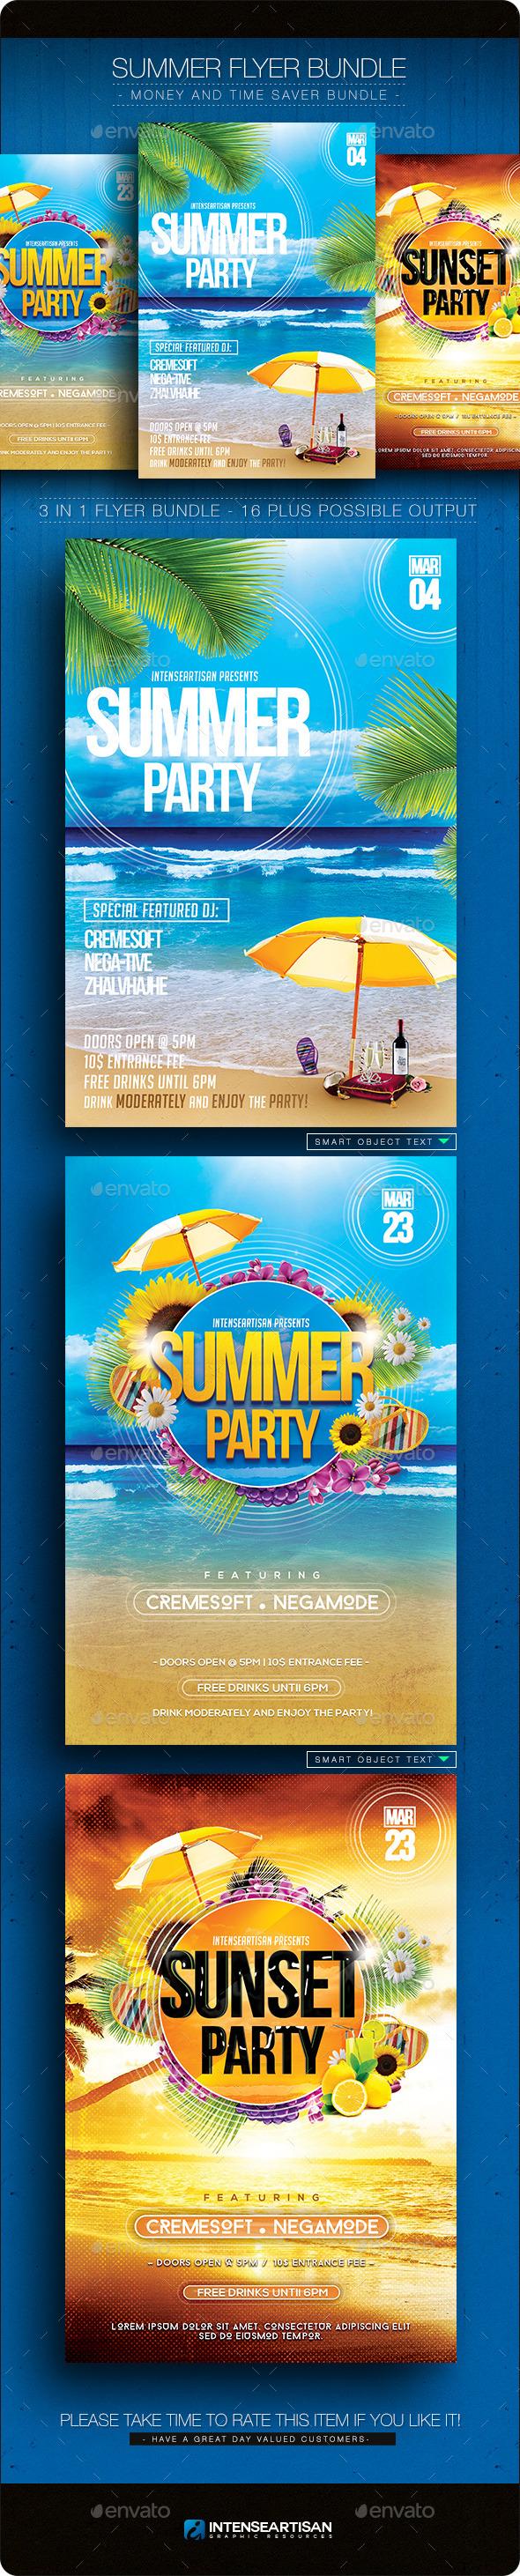 GraphicRiver Summer Flyer Bundle V.1 10903746